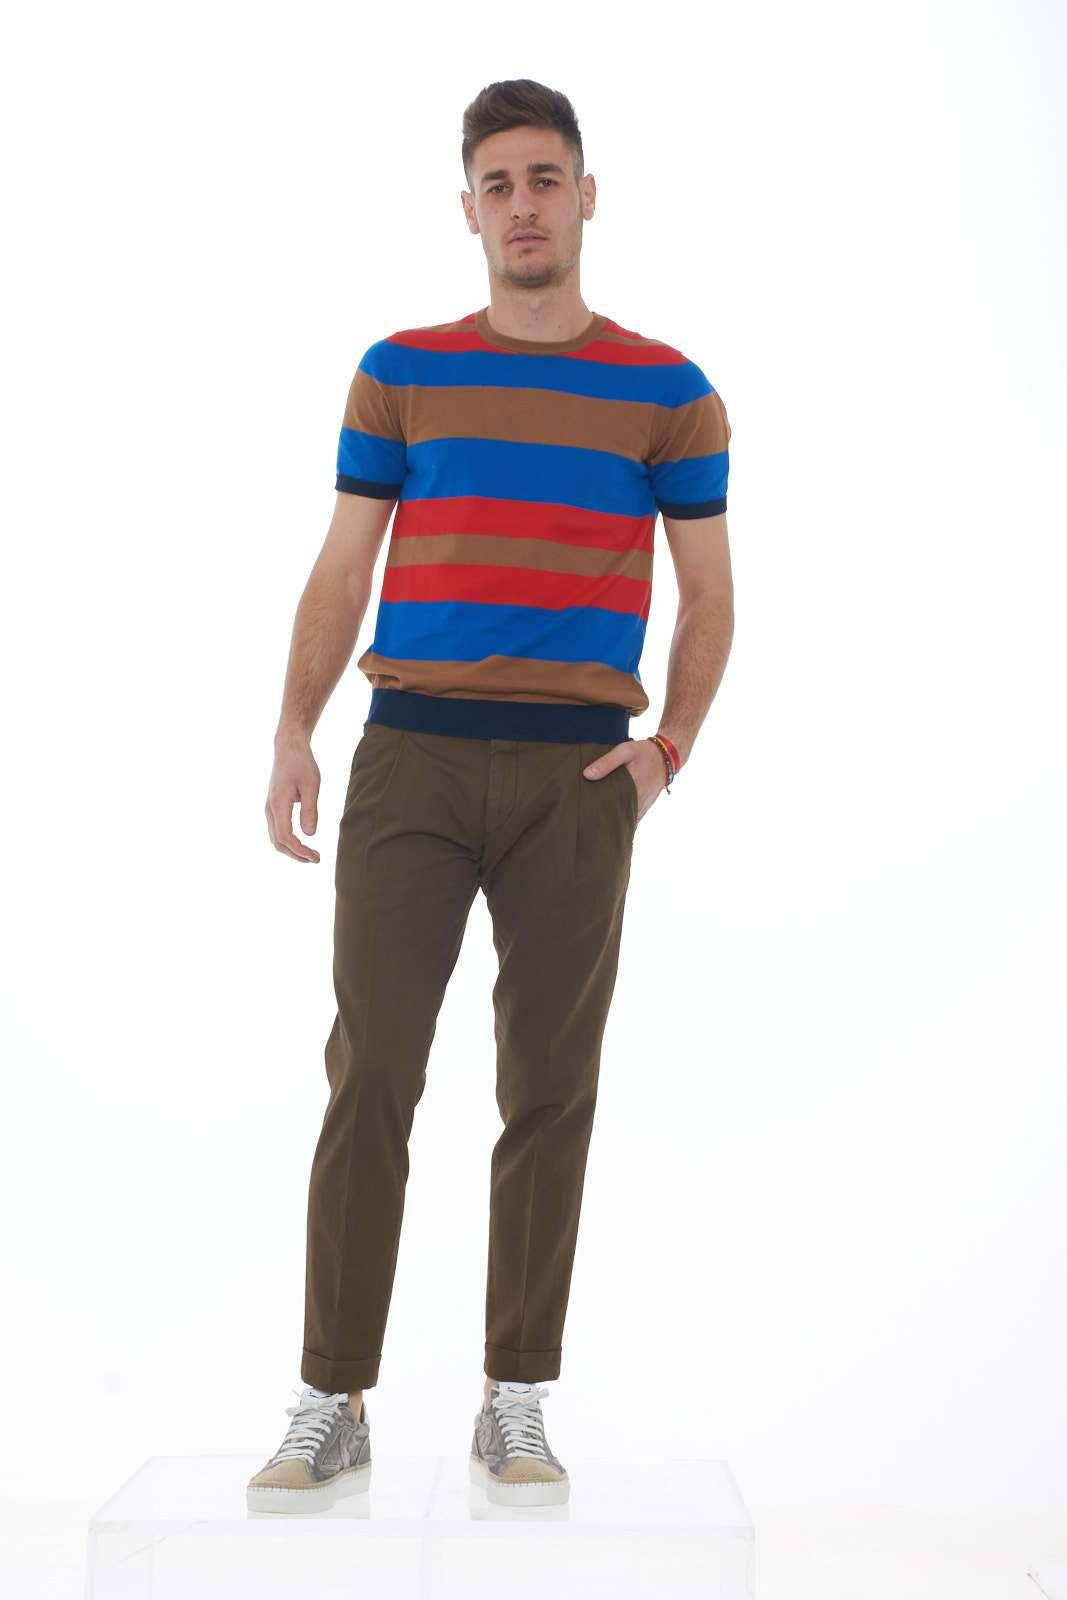 https://www.parmax.com/media/catalog/product/a/i/PE-outlet_parmax-t-shirt-uomo-Manuel-Ritz-2632m517%20193393-D.jpg